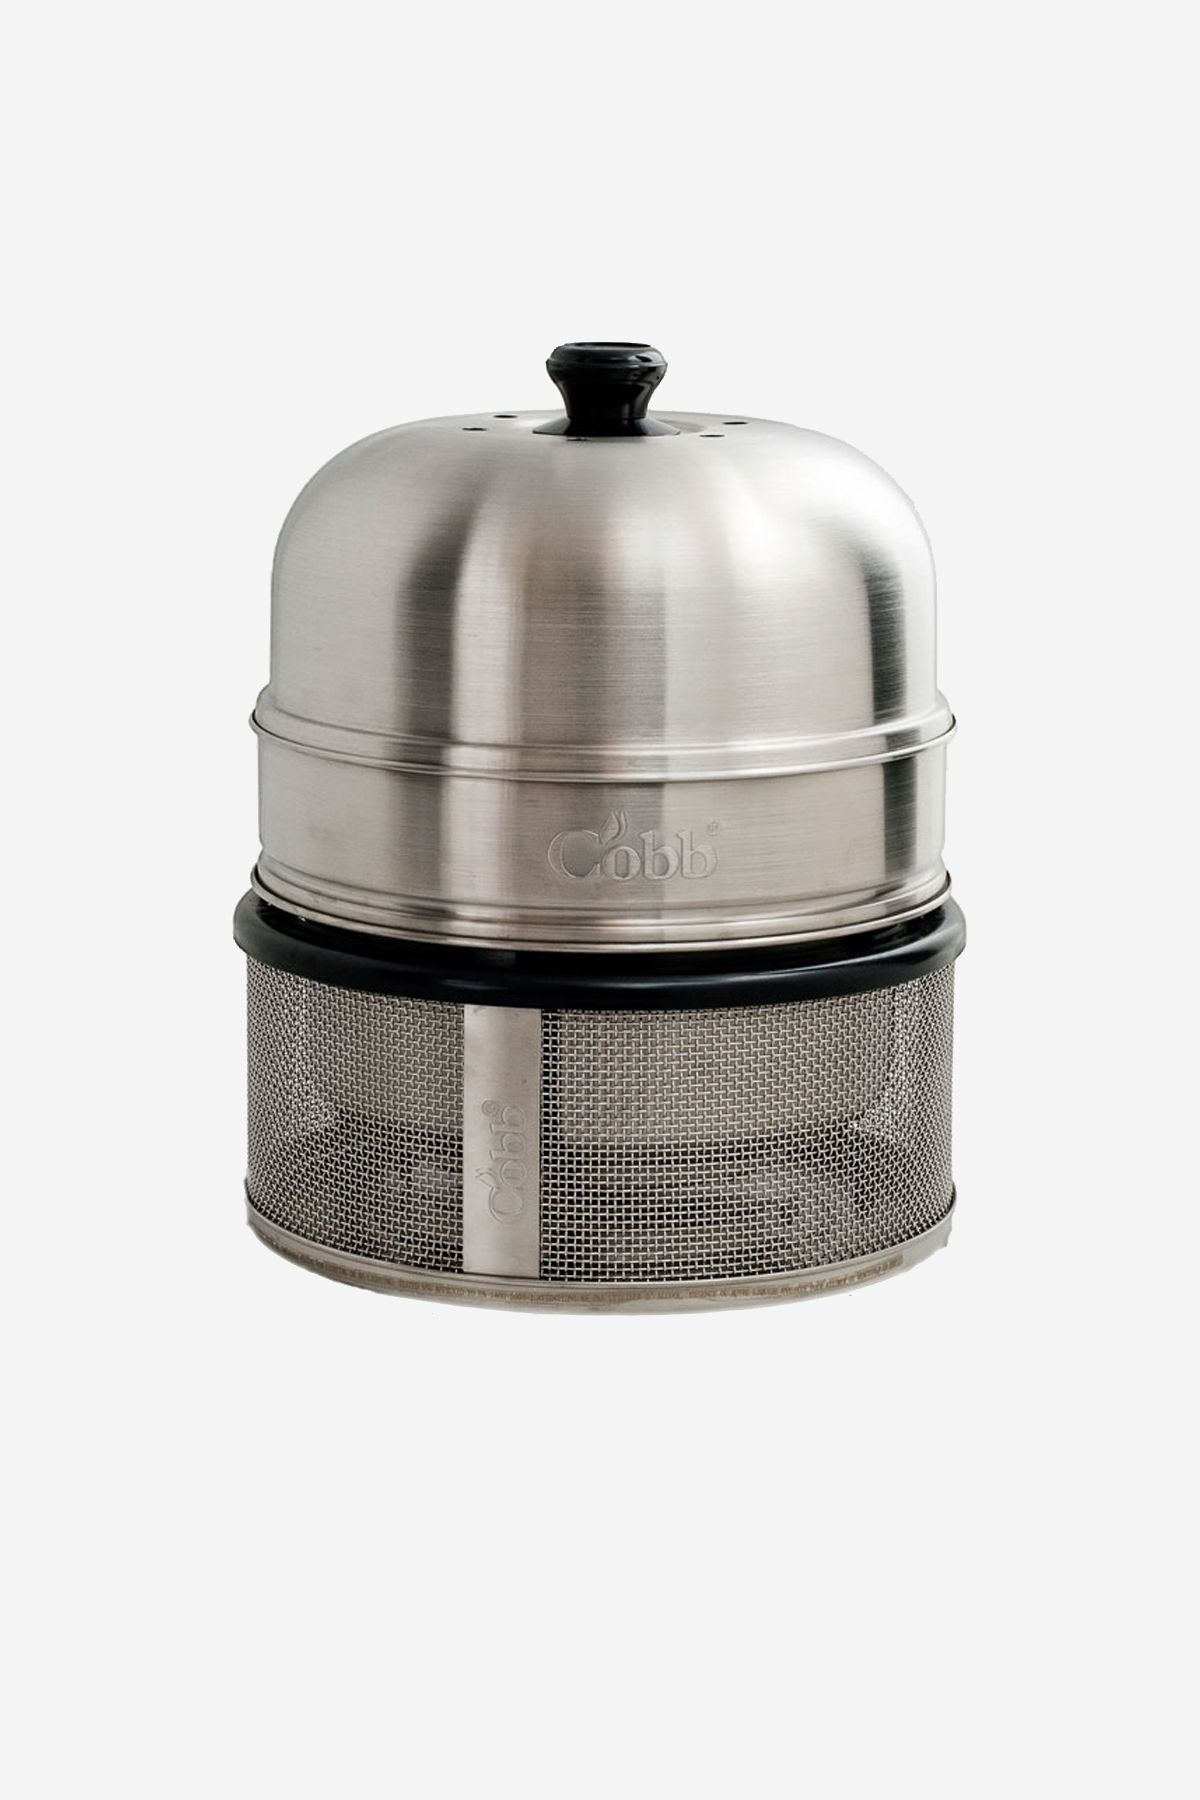 """Kepsninė """"COBB Kitchen in a box"""" 246.00 € Tai virtuvė vienoje dėžėje ..."""